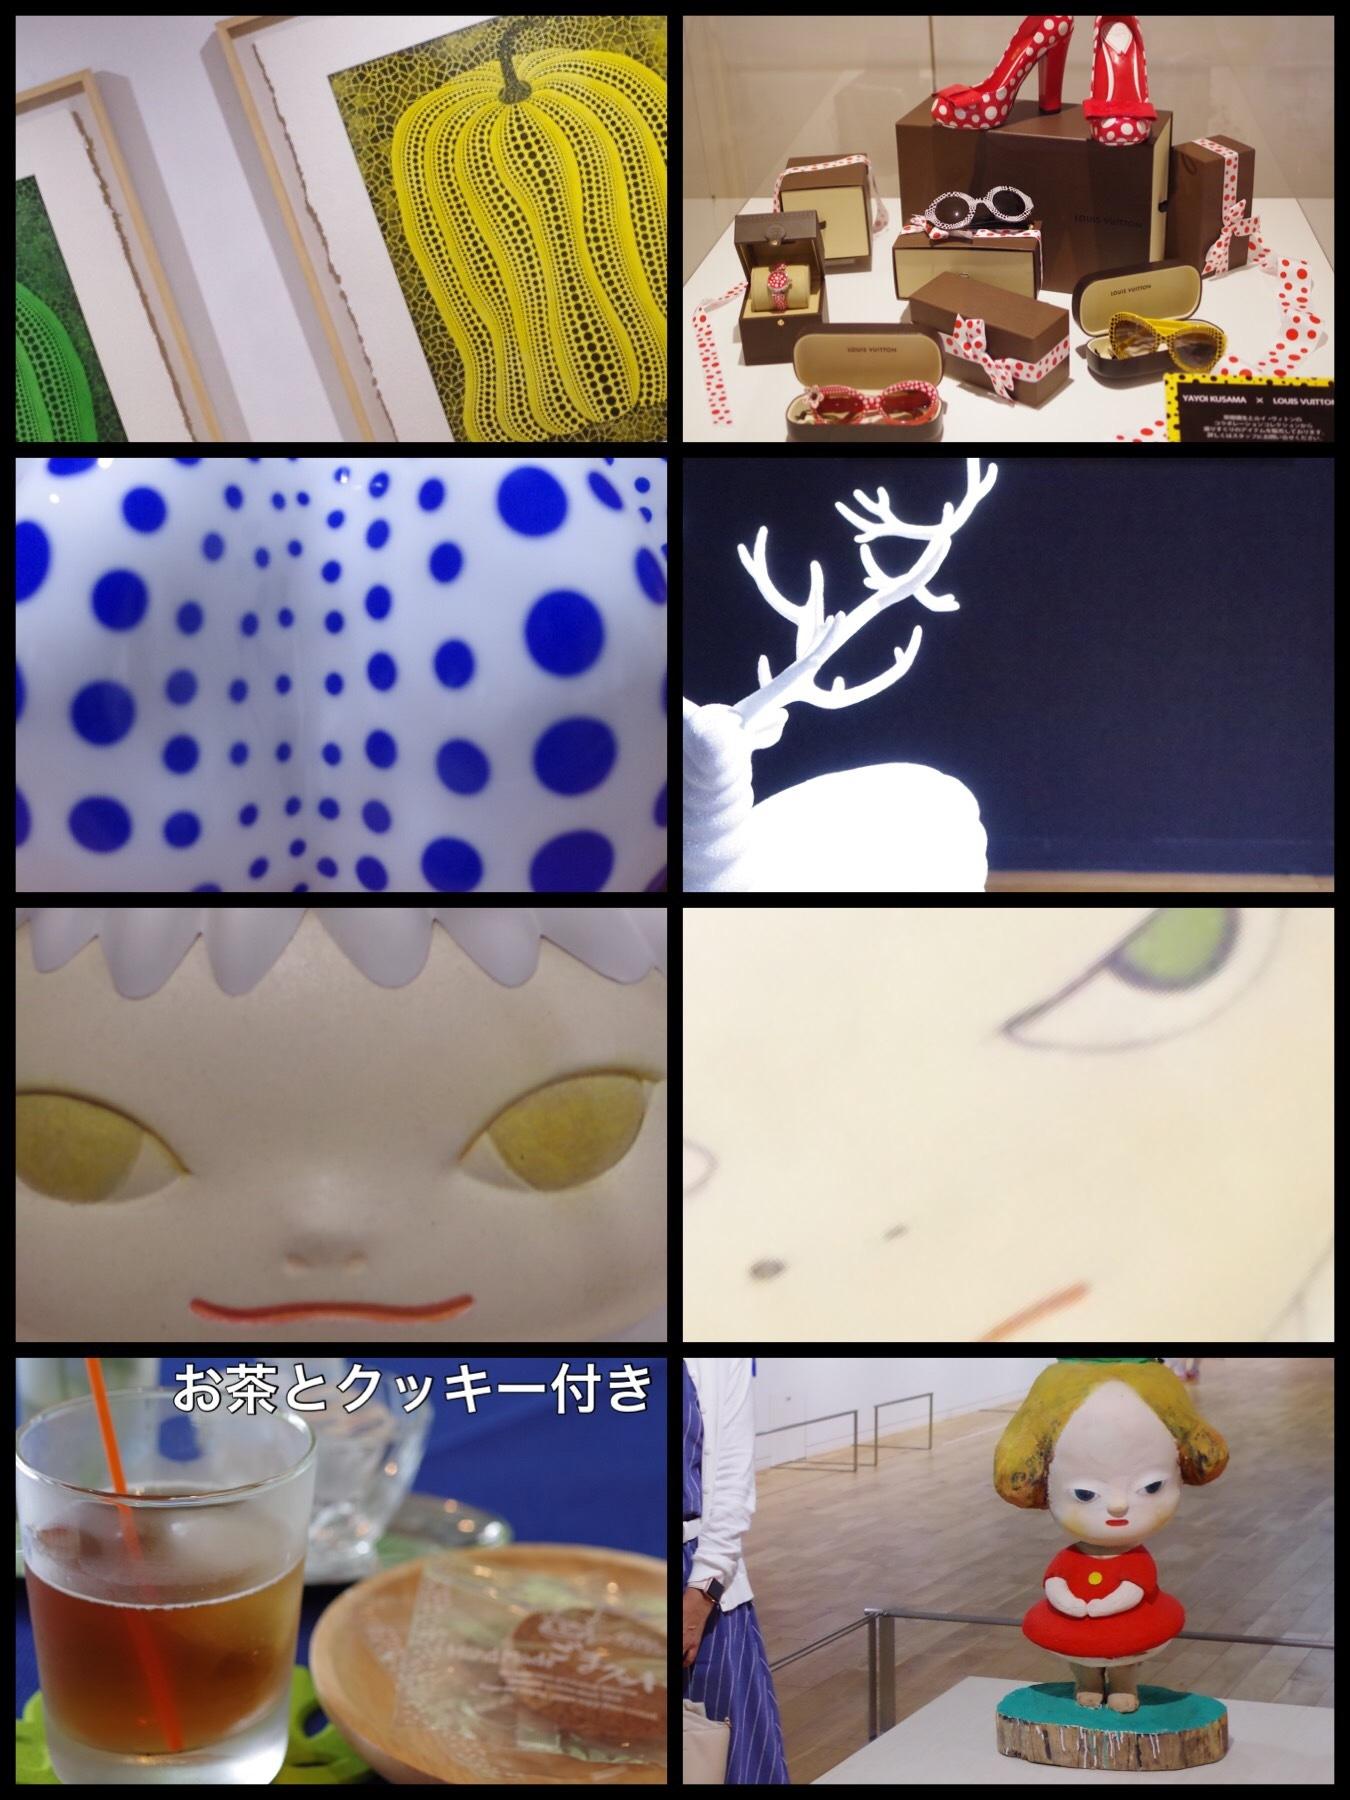 軽井沢 現代美術館